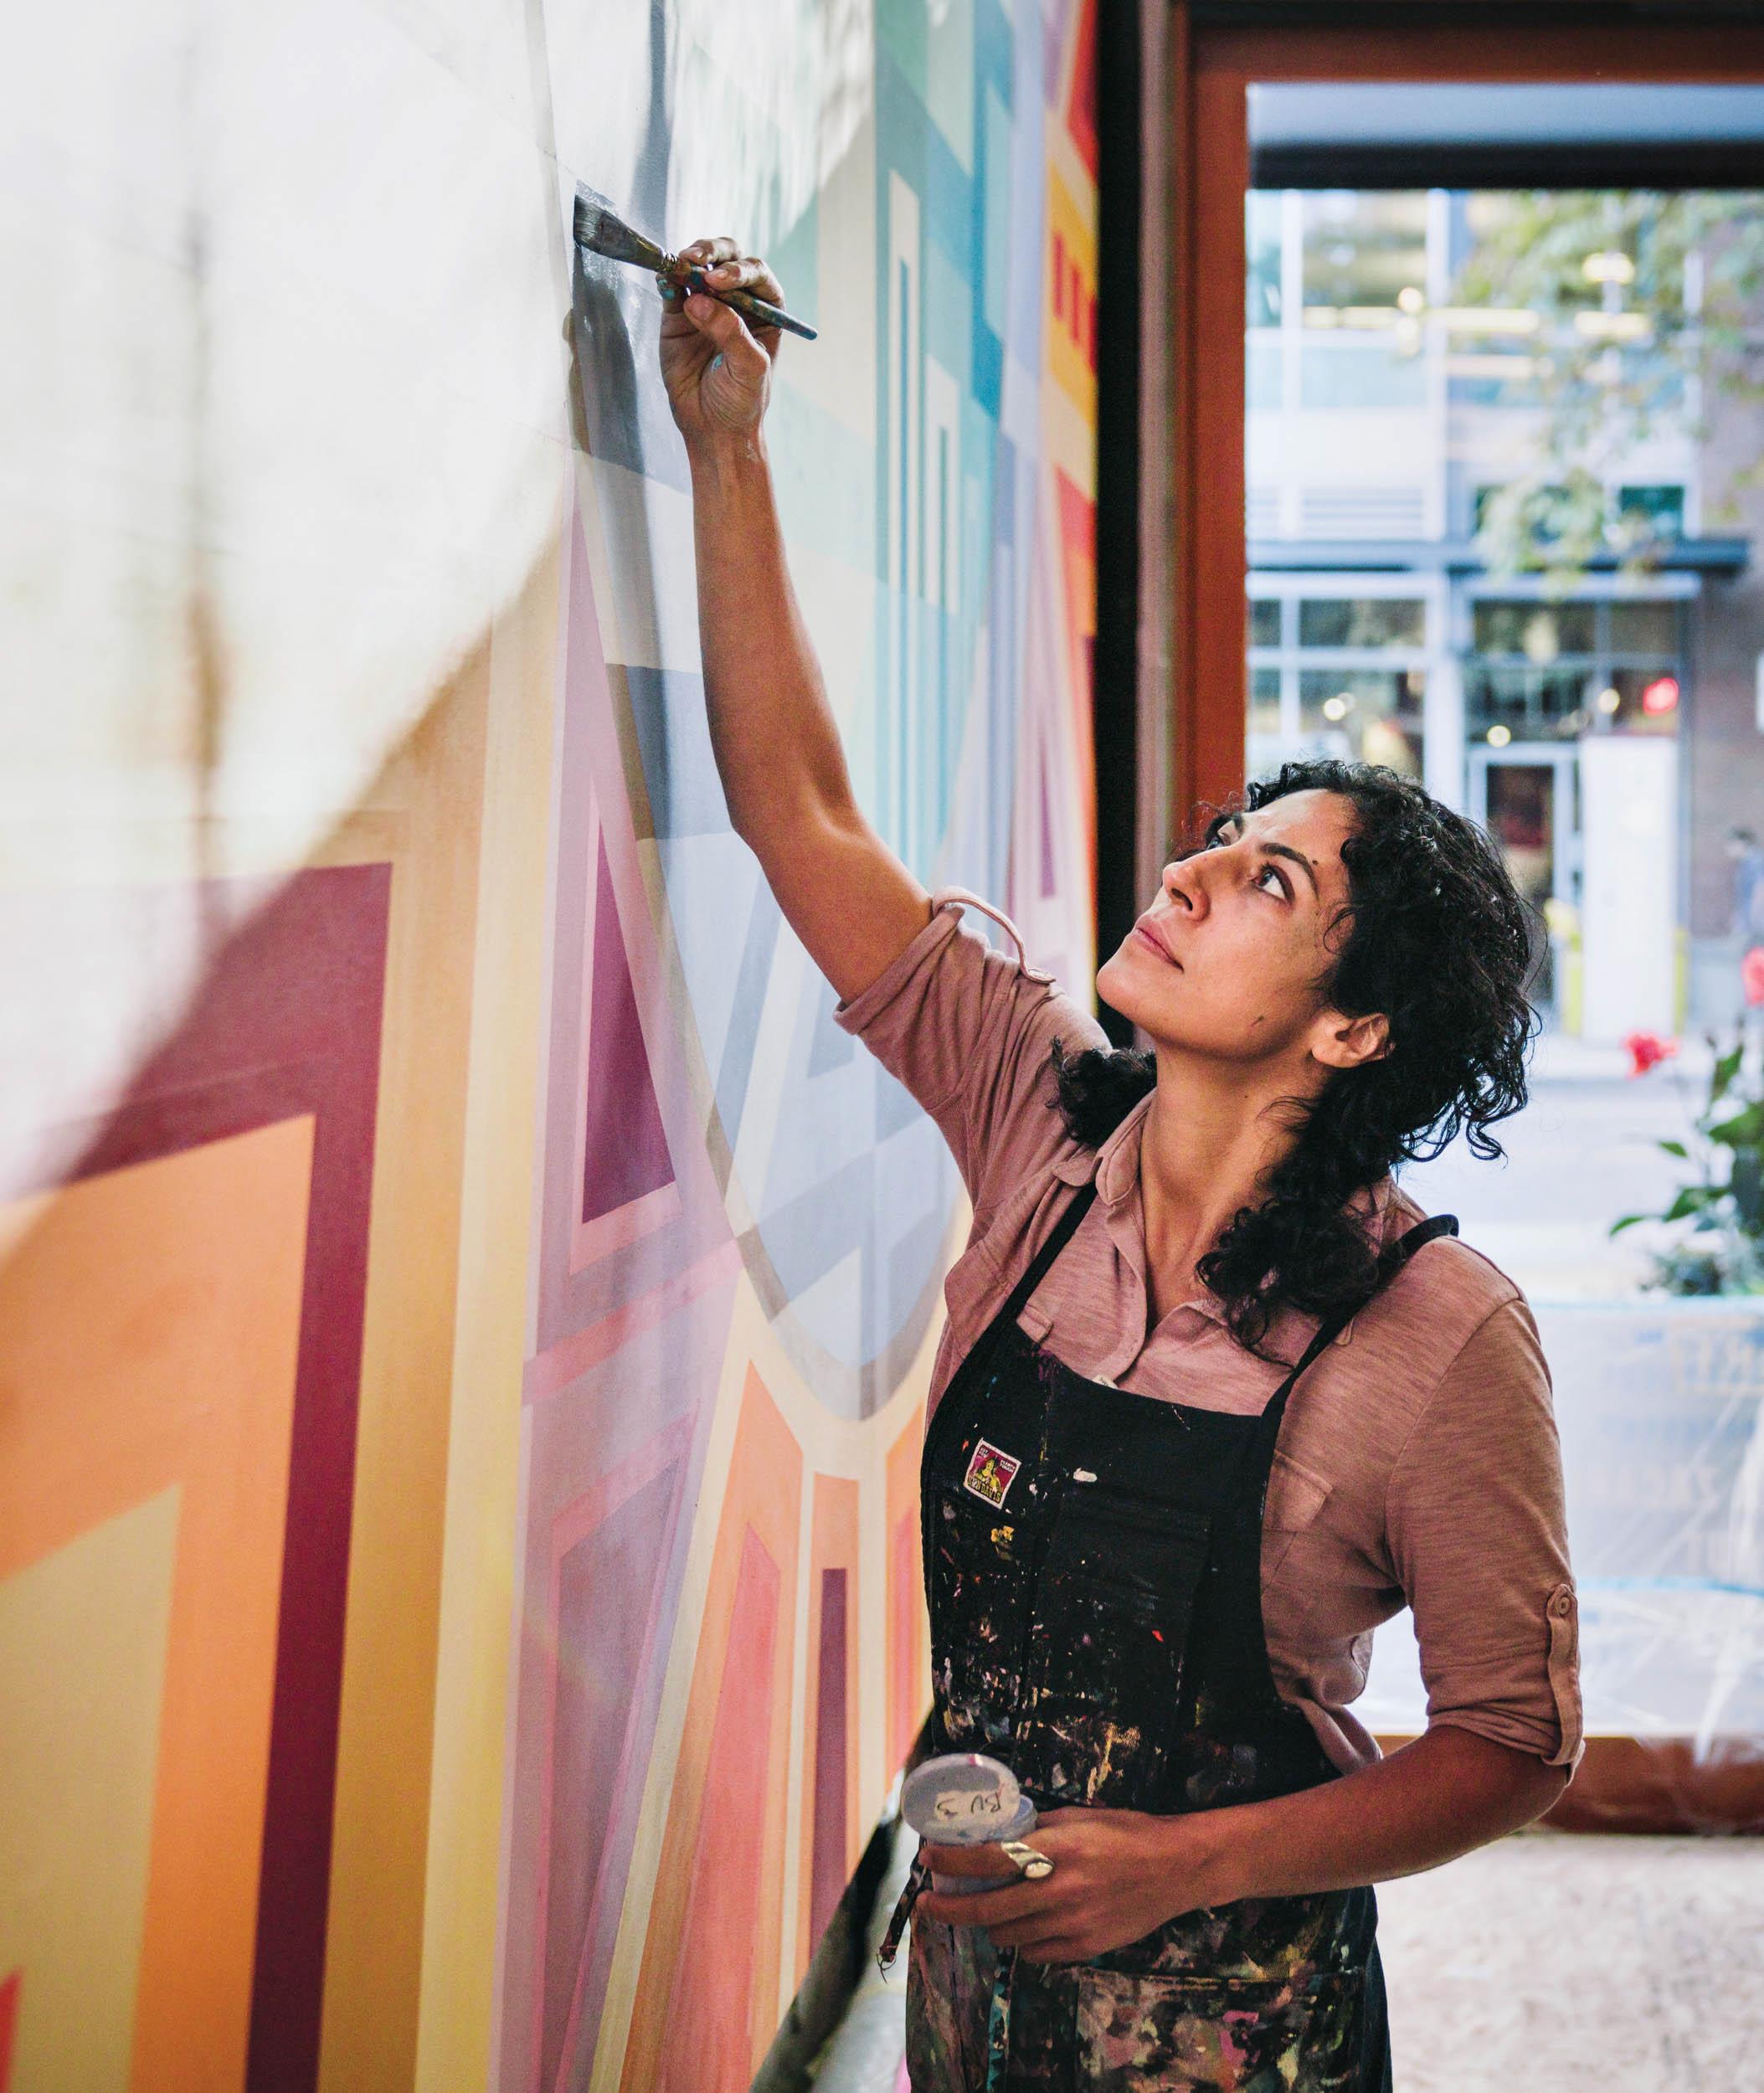 Artist Marela Zacarias painting